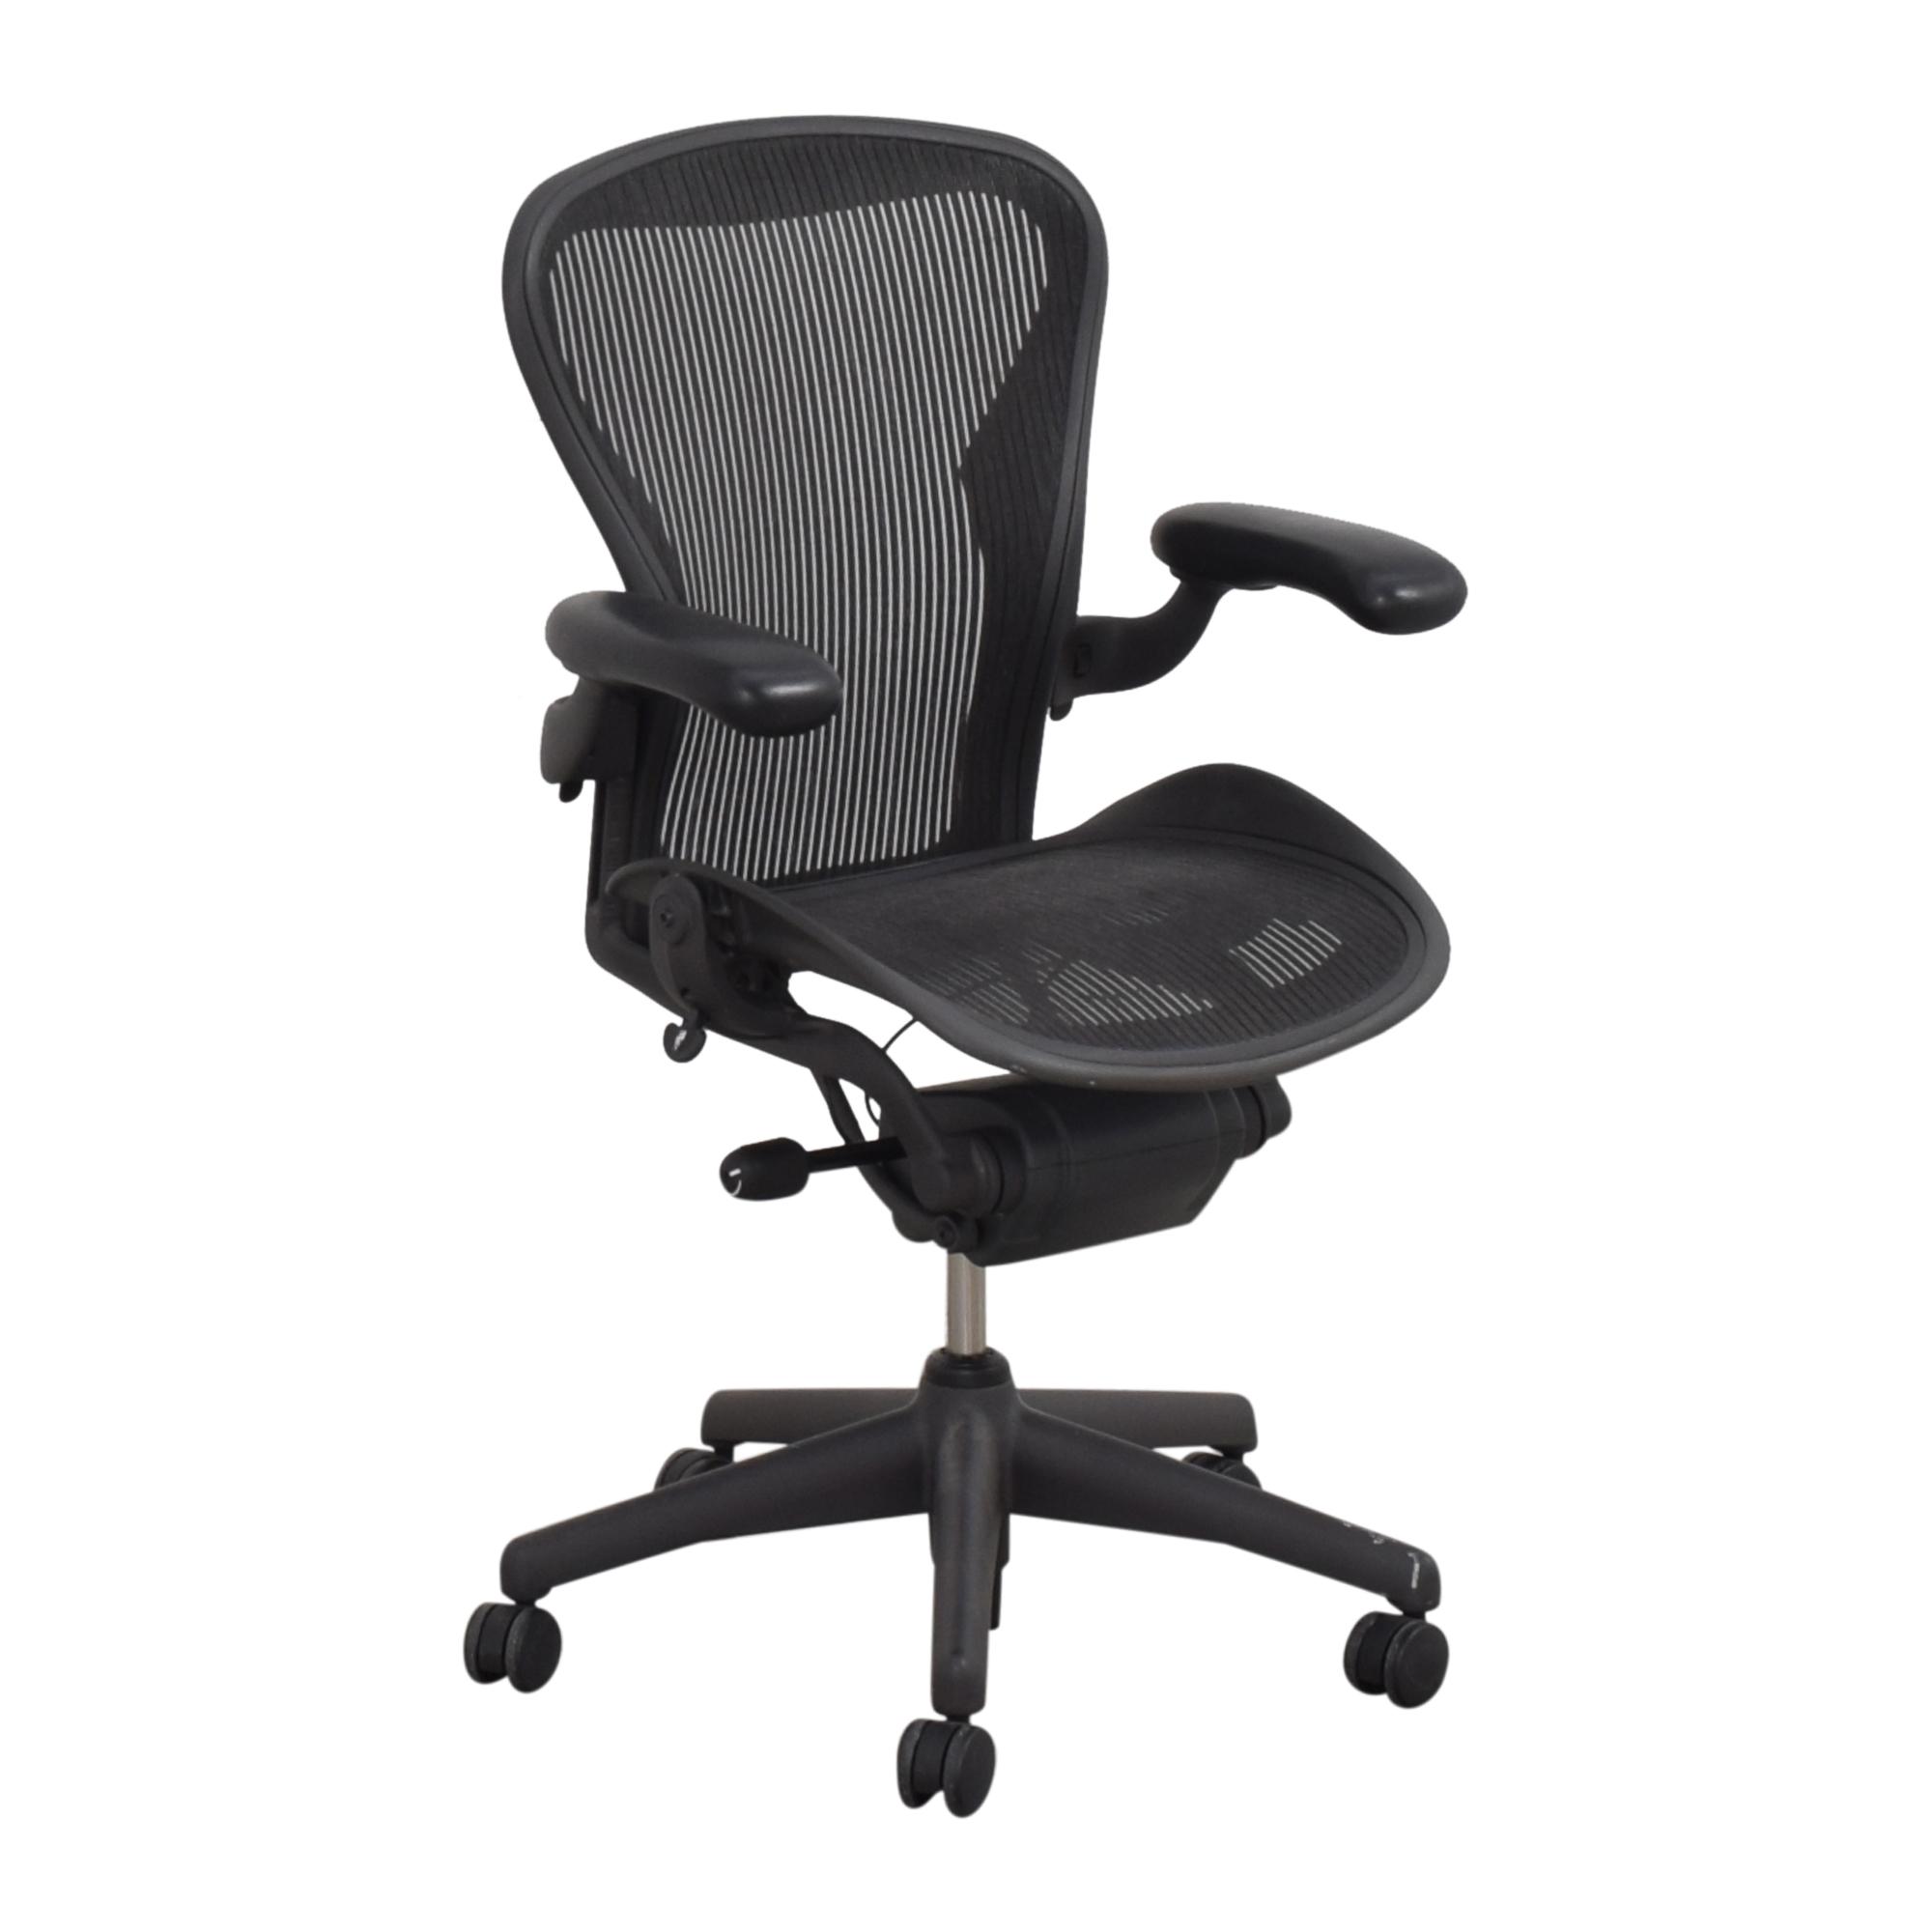 Herman Miller Herman Miller Size B Aeron Chair black